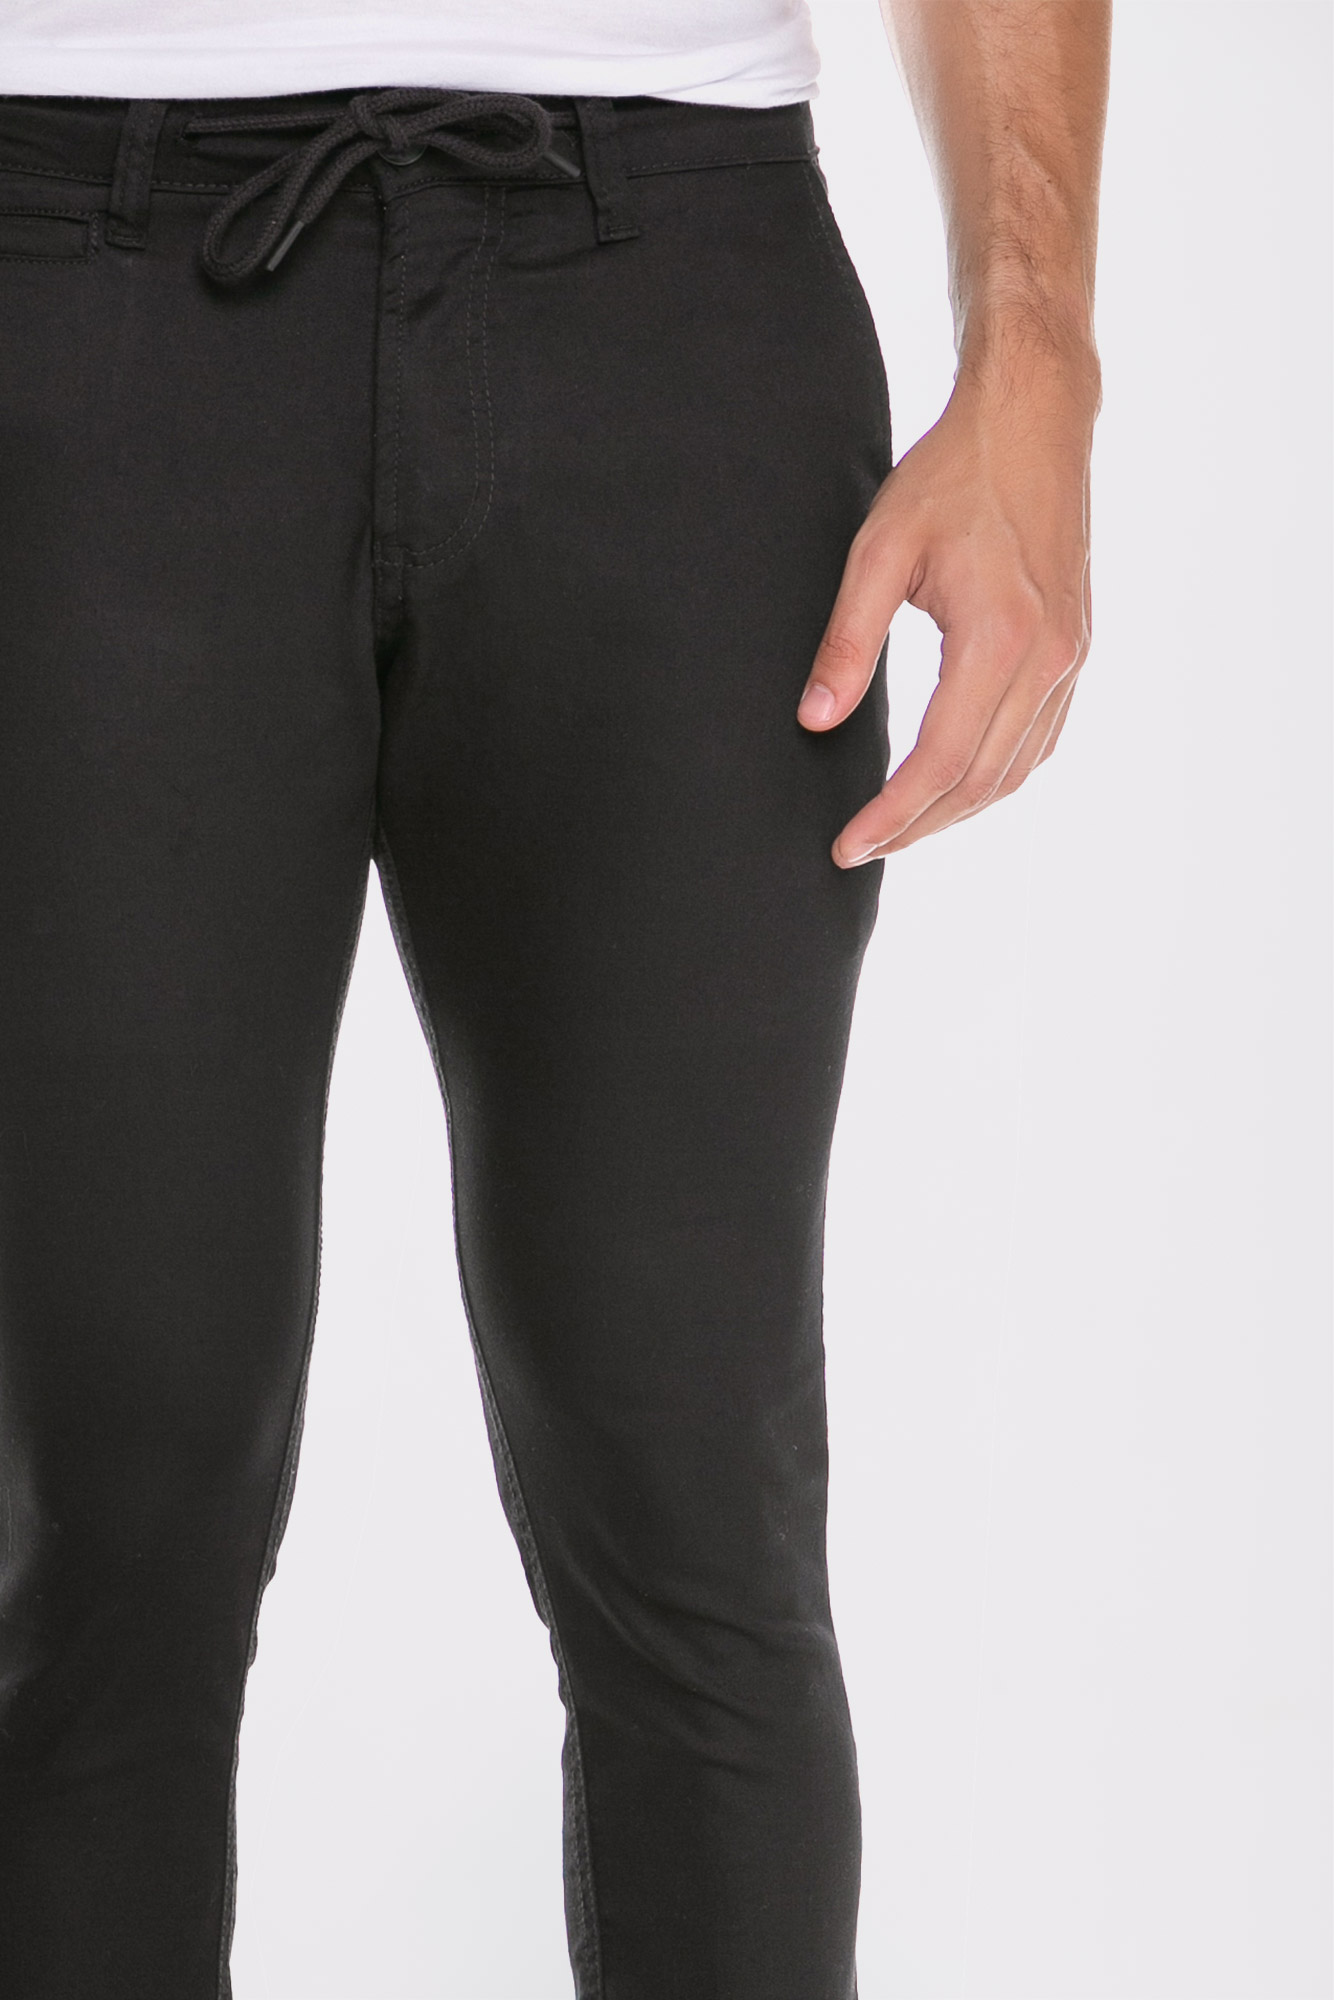 Calça Sarja Black Cordão